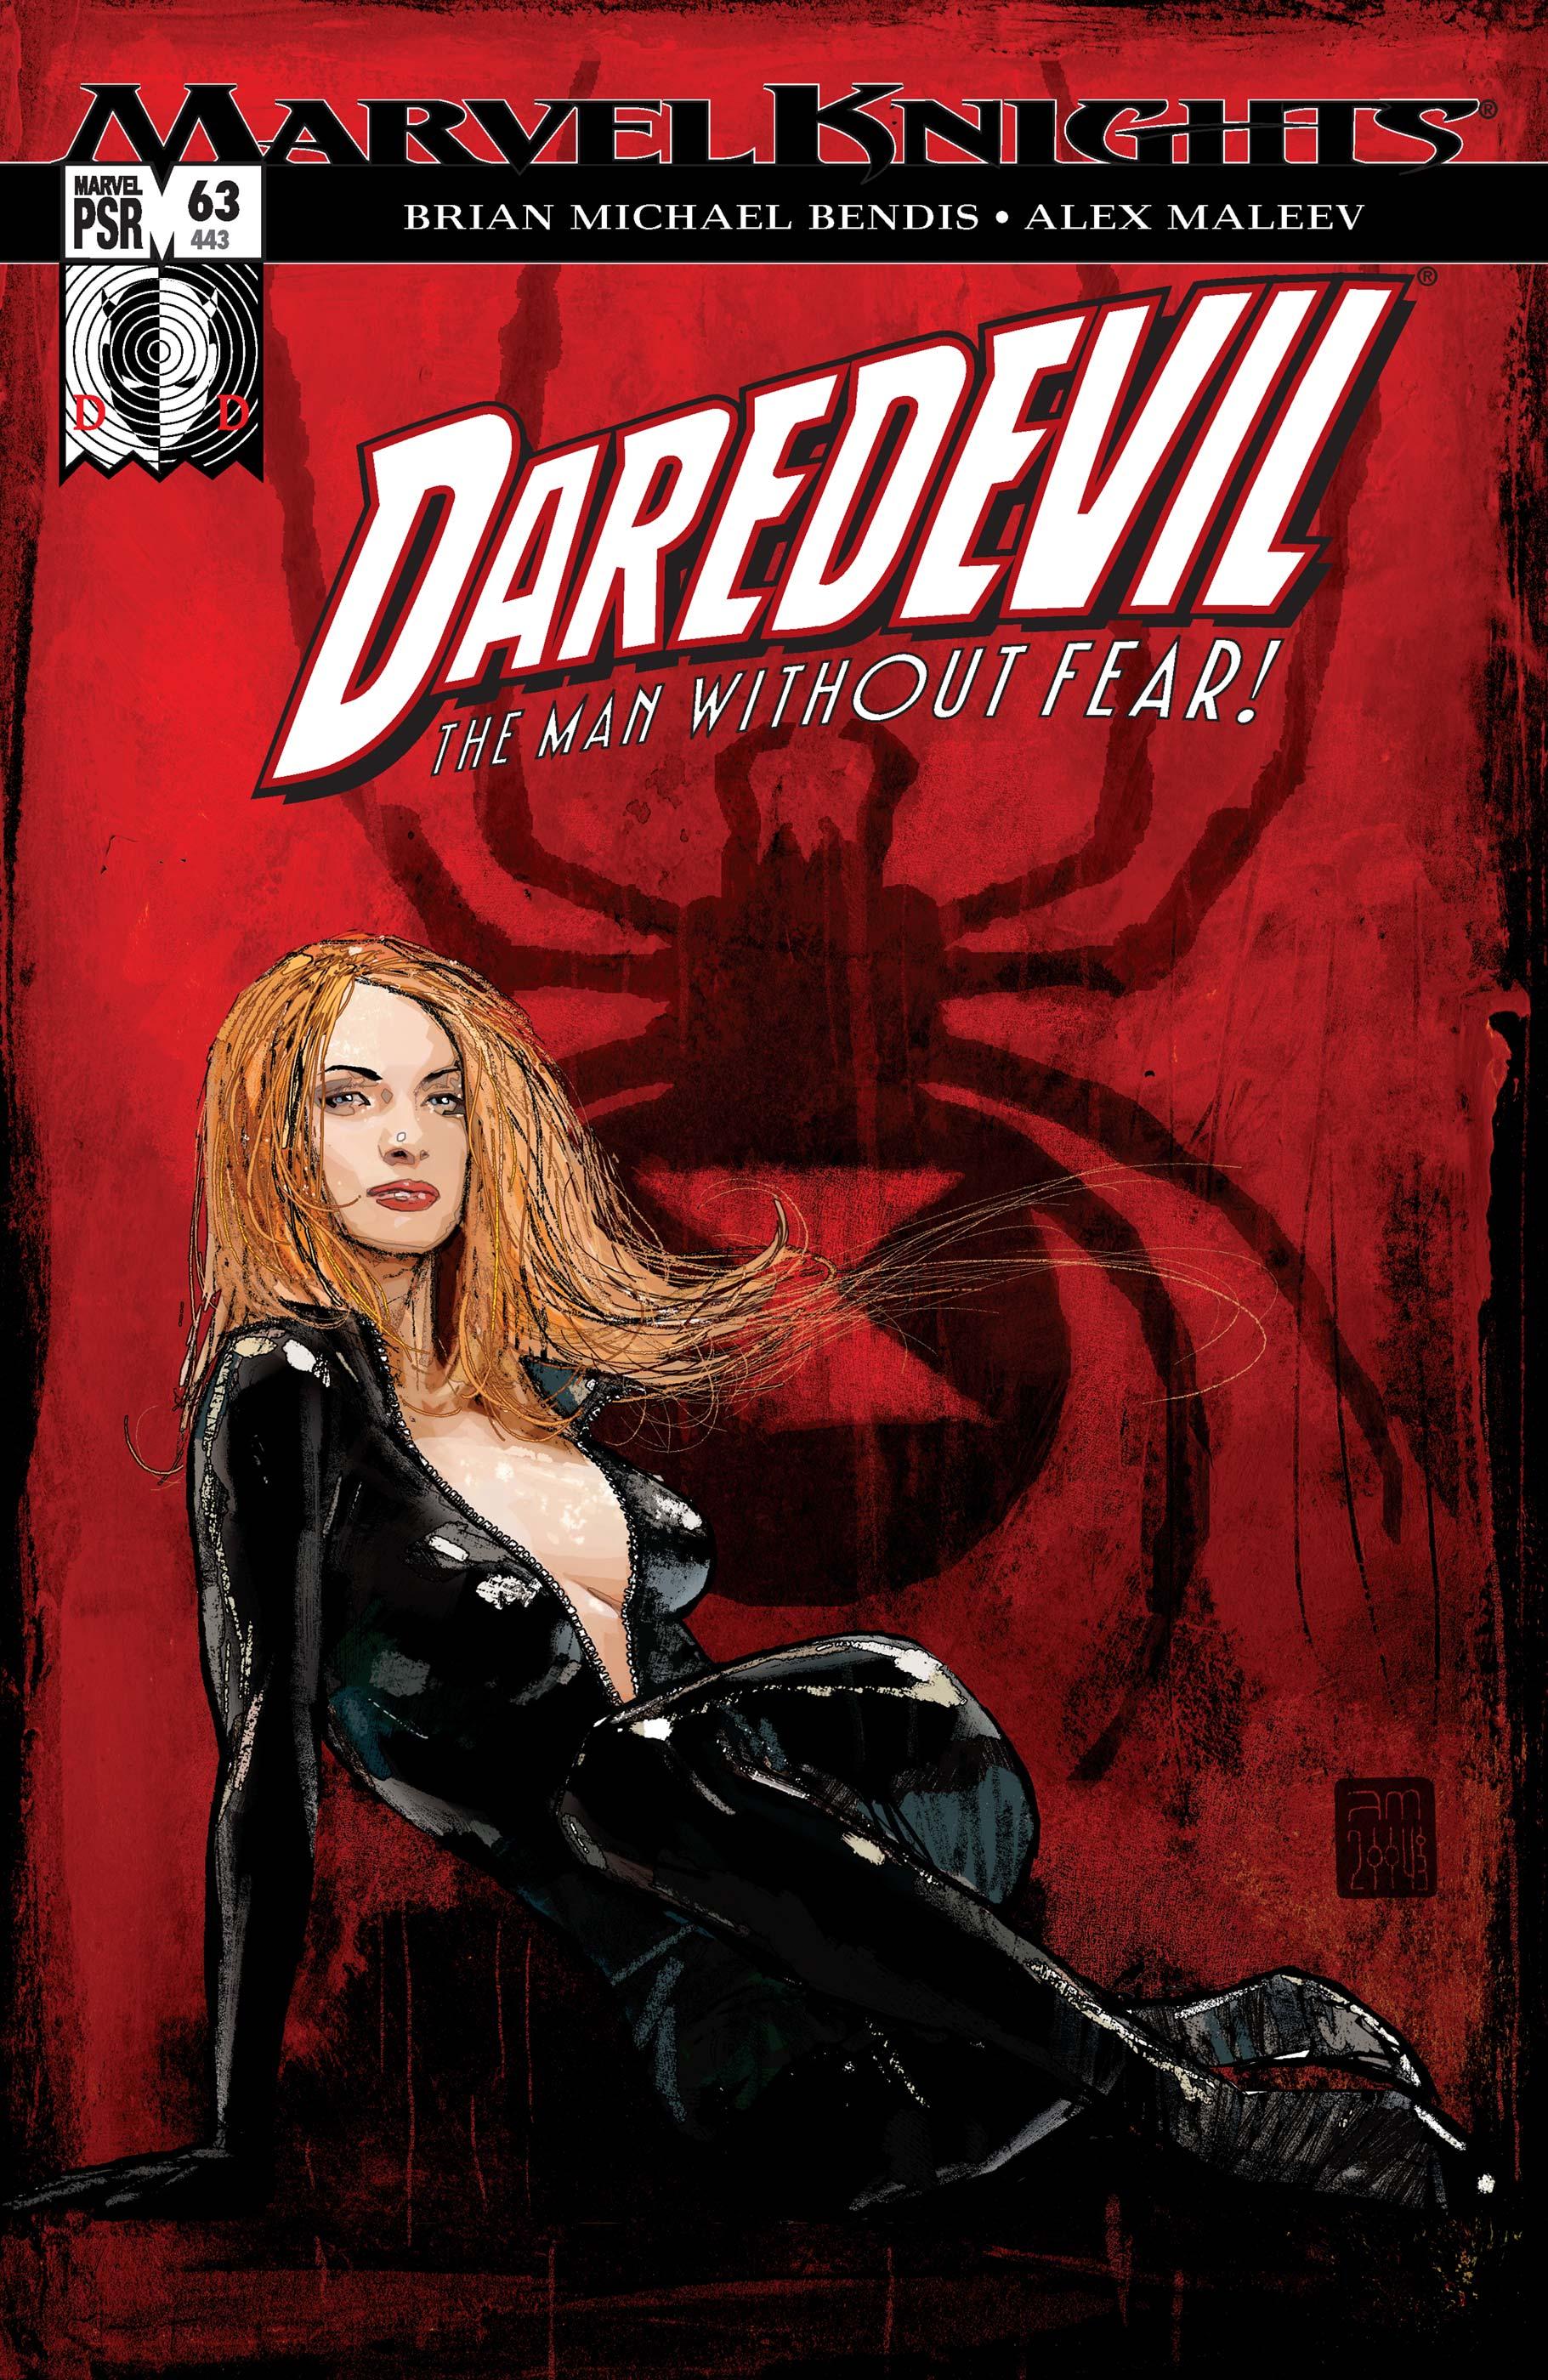 Daredevil (1998) #63